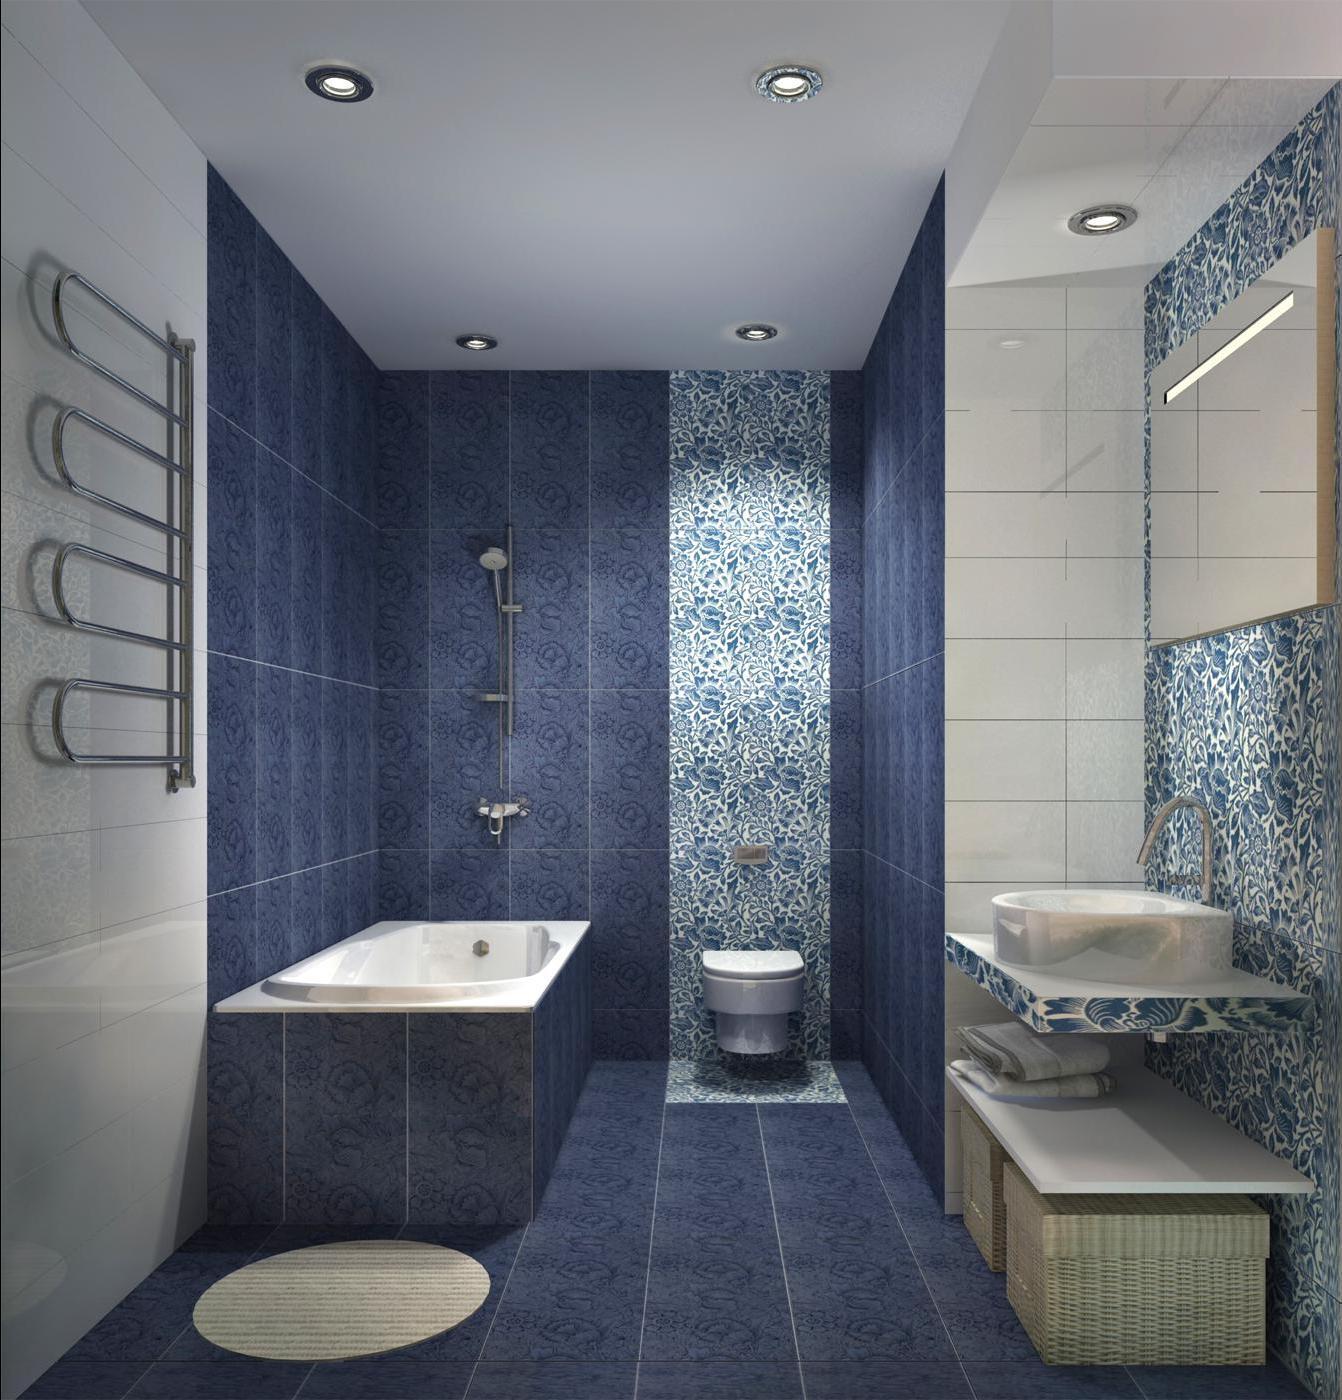 Дизайн маленькой ванной комнаты идеи советы рекомендации: Ванные комнаты дизайн фотогалерея » Современный дизайн